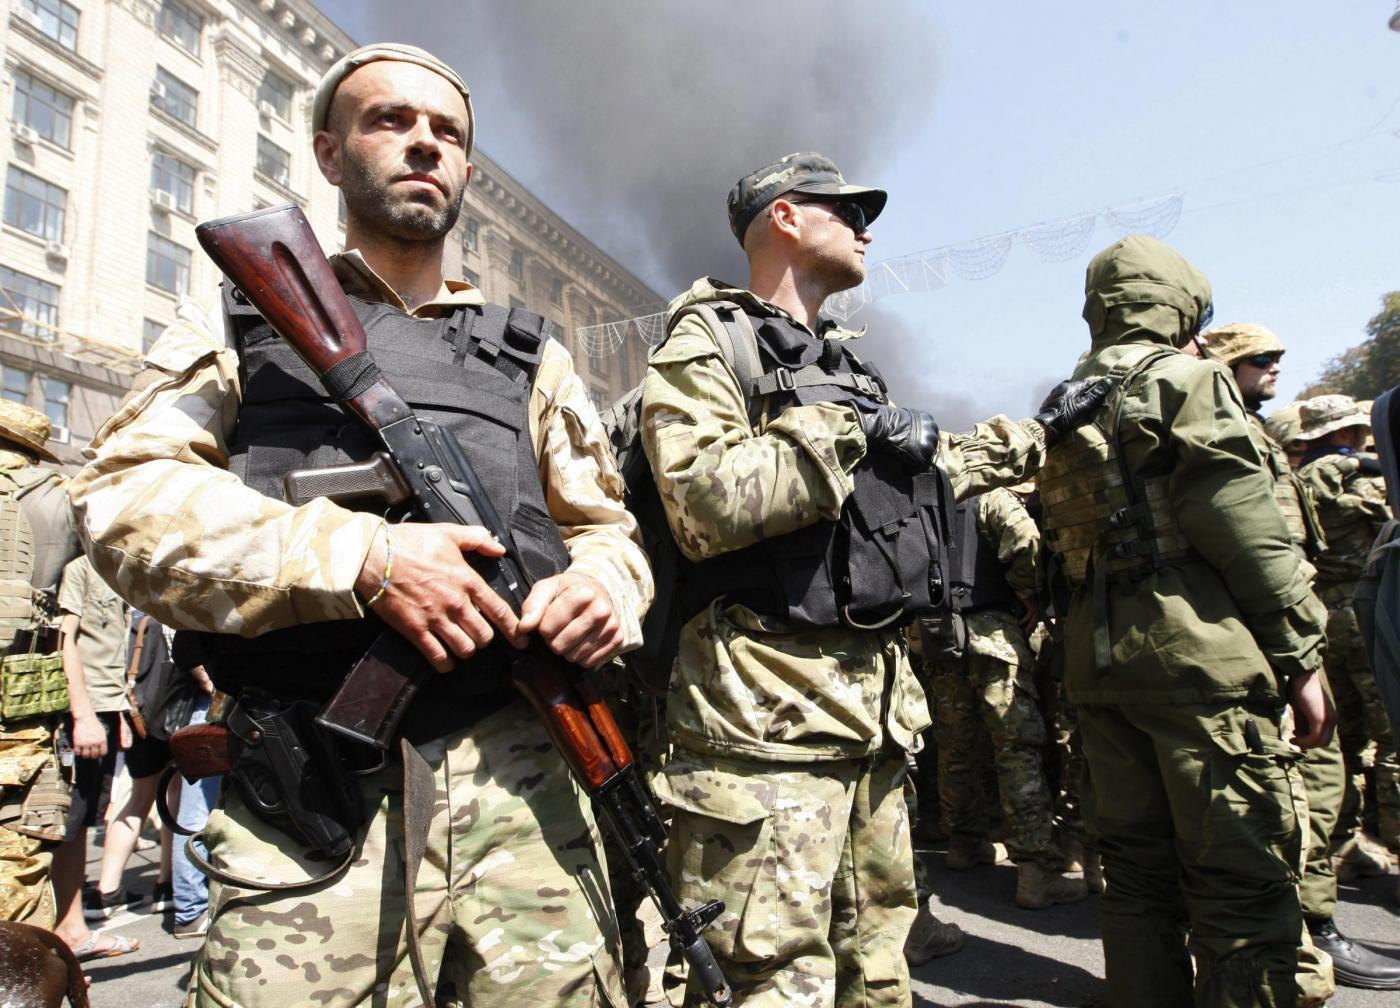 Guerra in Ucraina 2014: perché si rischia la terza guerra mondiale? Tutte le cause